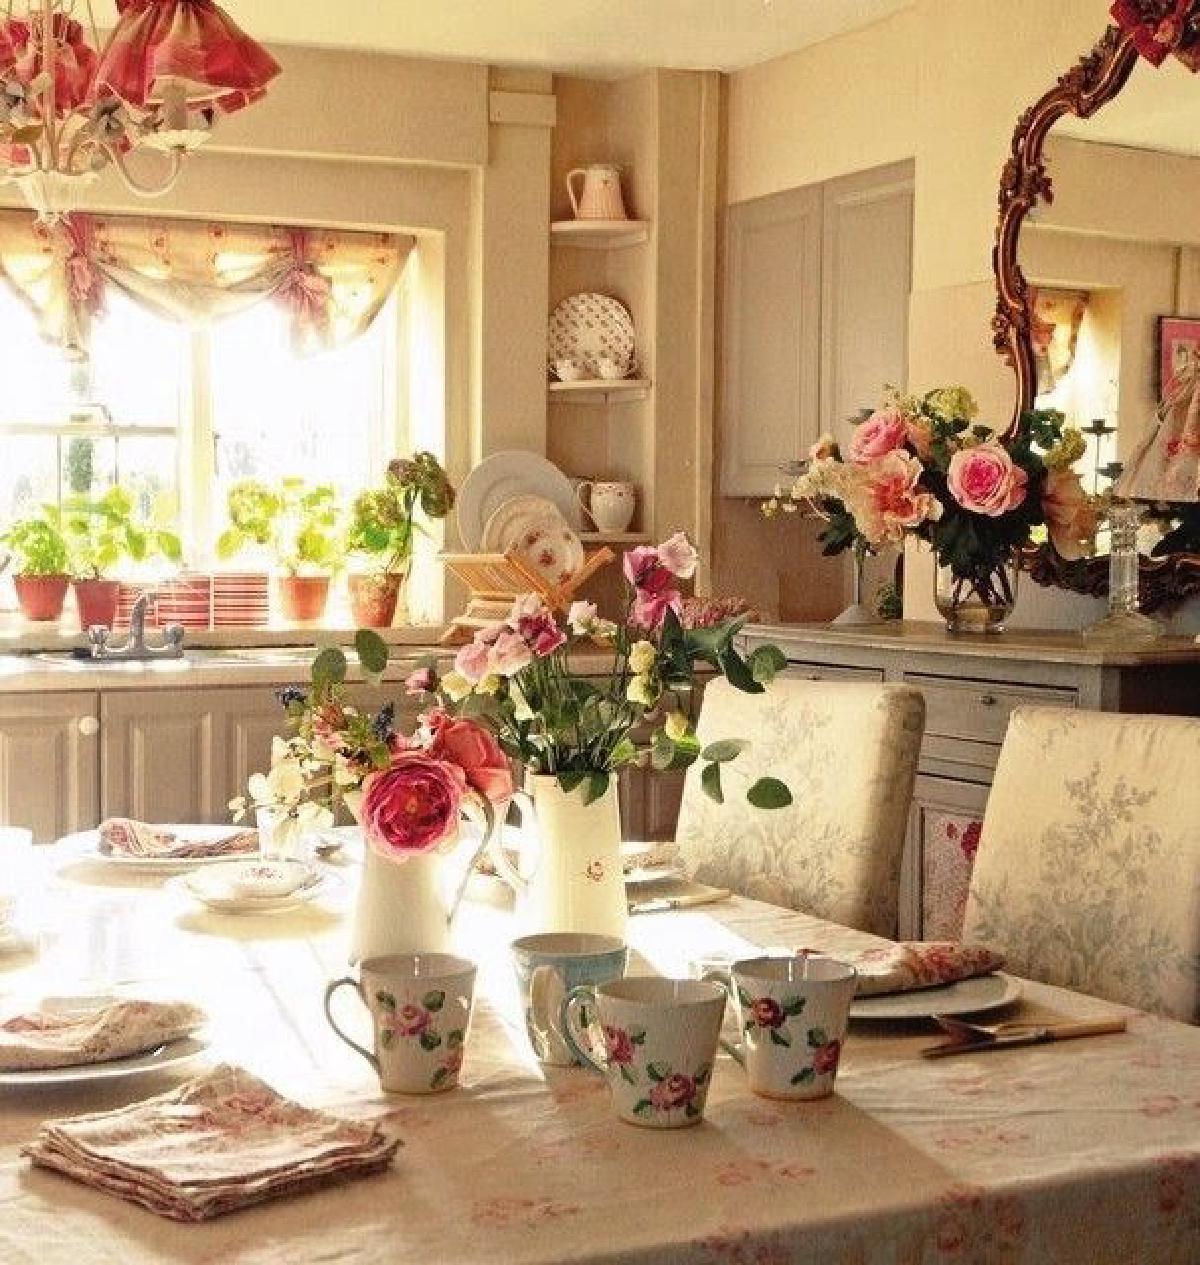 โต๊ะรับประทานอาหารสไตล์ห้องนอนสไตล์ english cottage